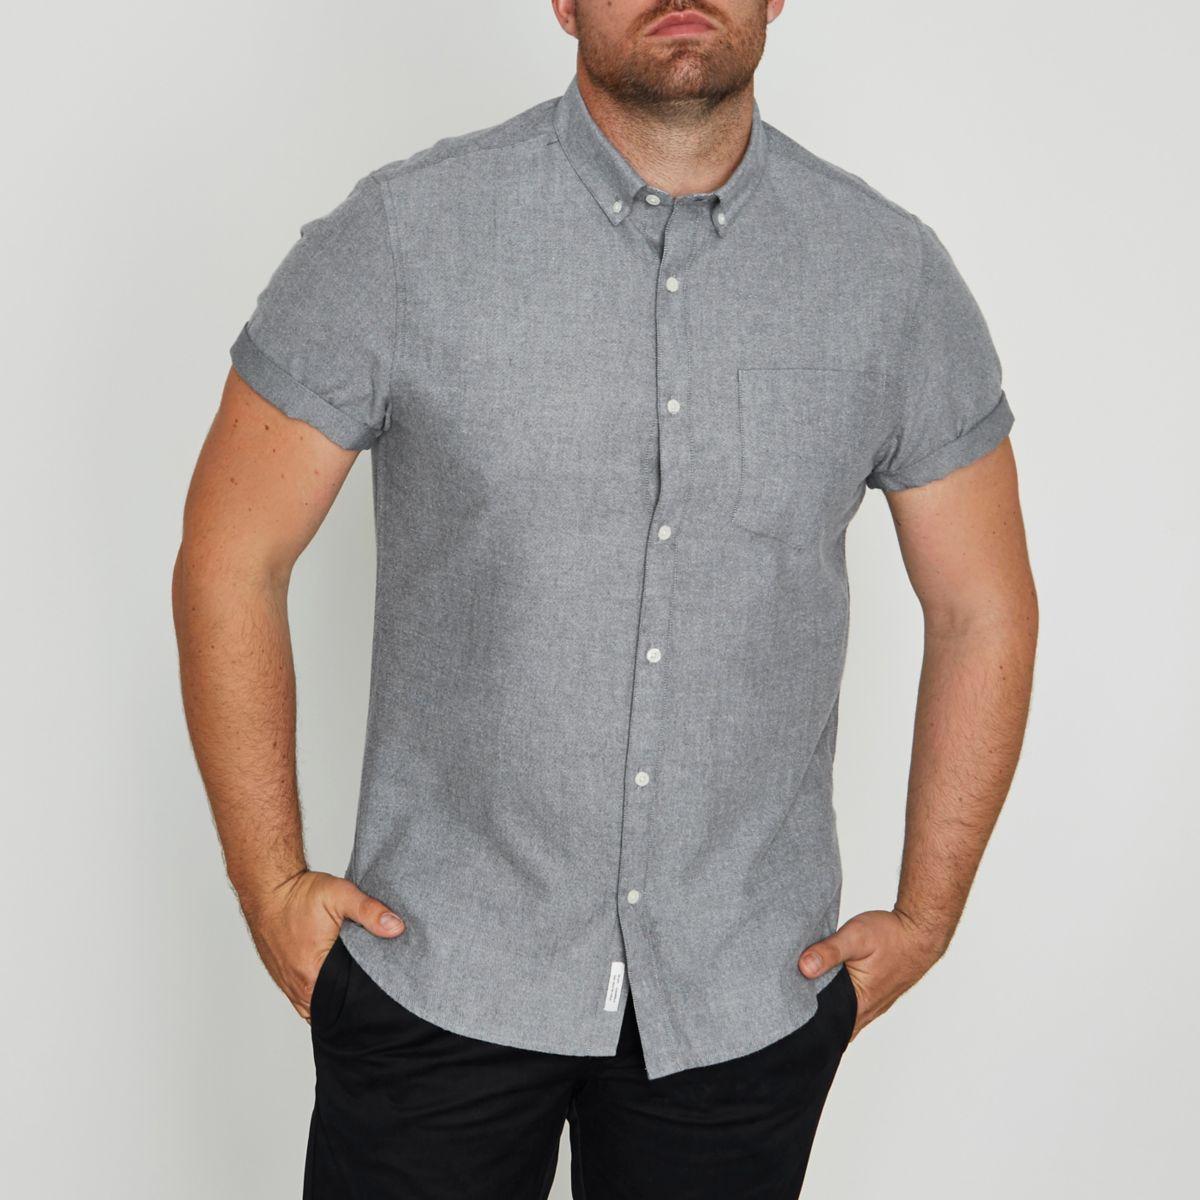 RI Big and Tall - Grijs geborsteld Oxford overhemd met korte mouwen